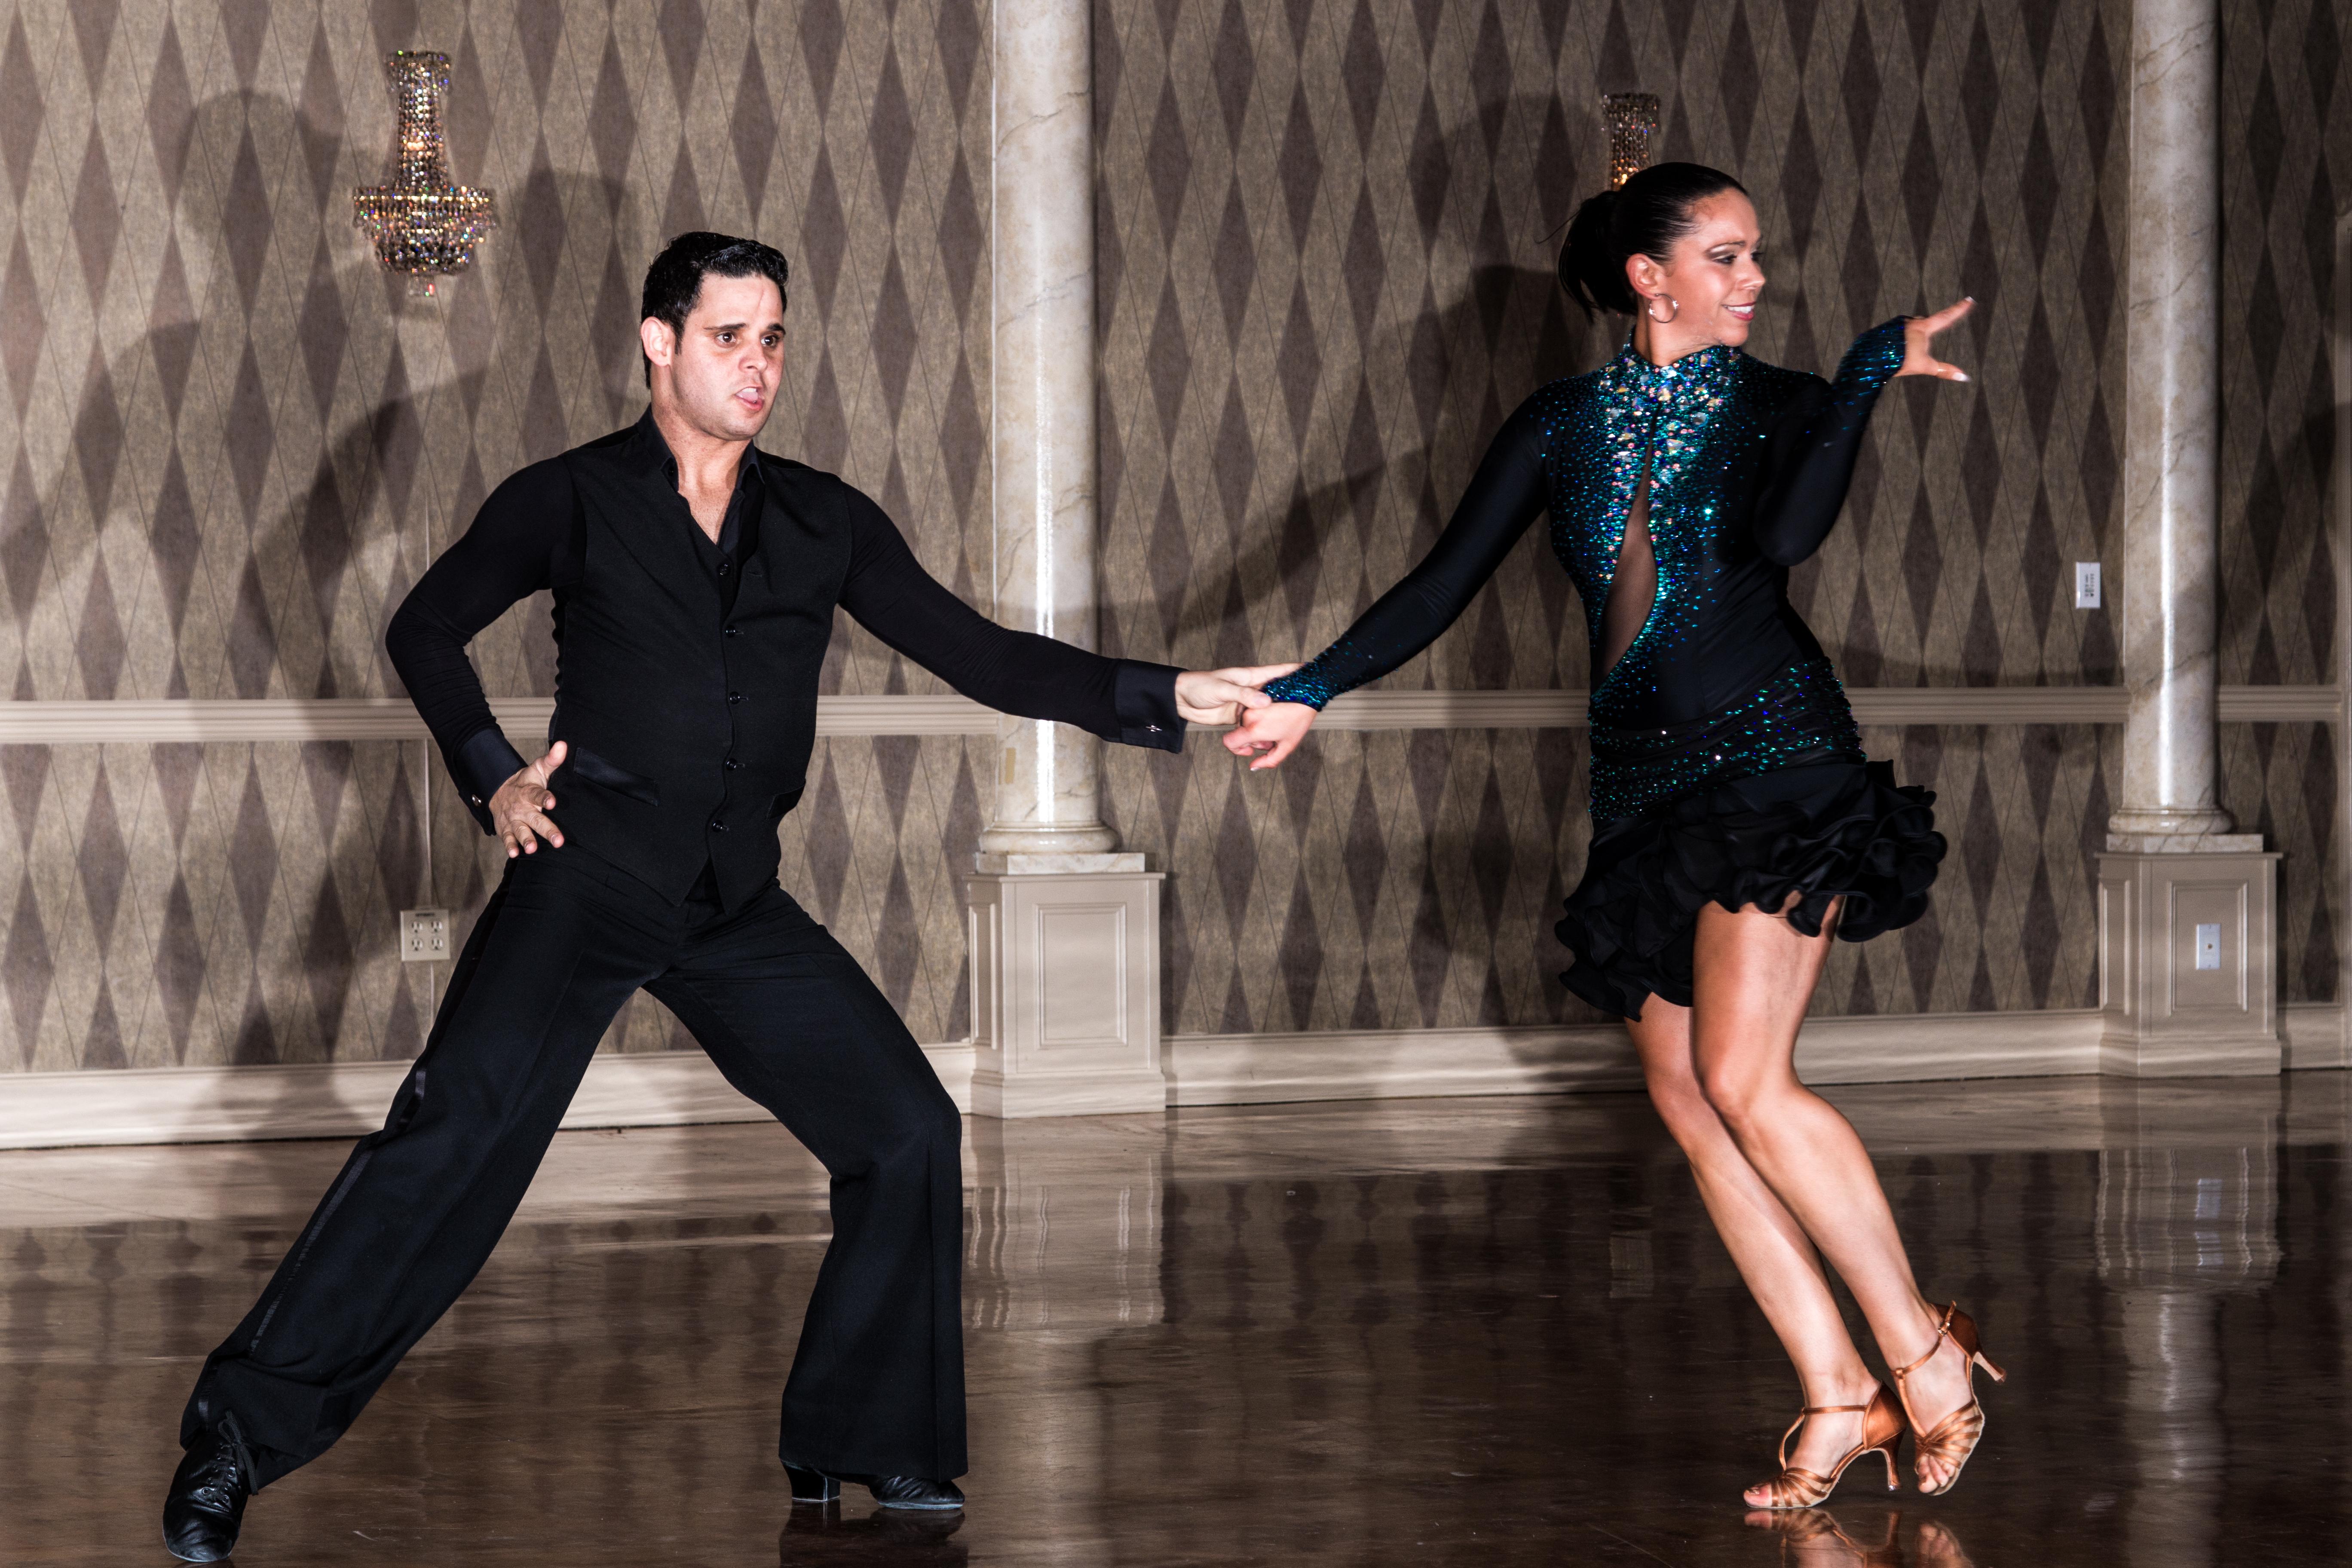 Rogelio & Juliet Garcia